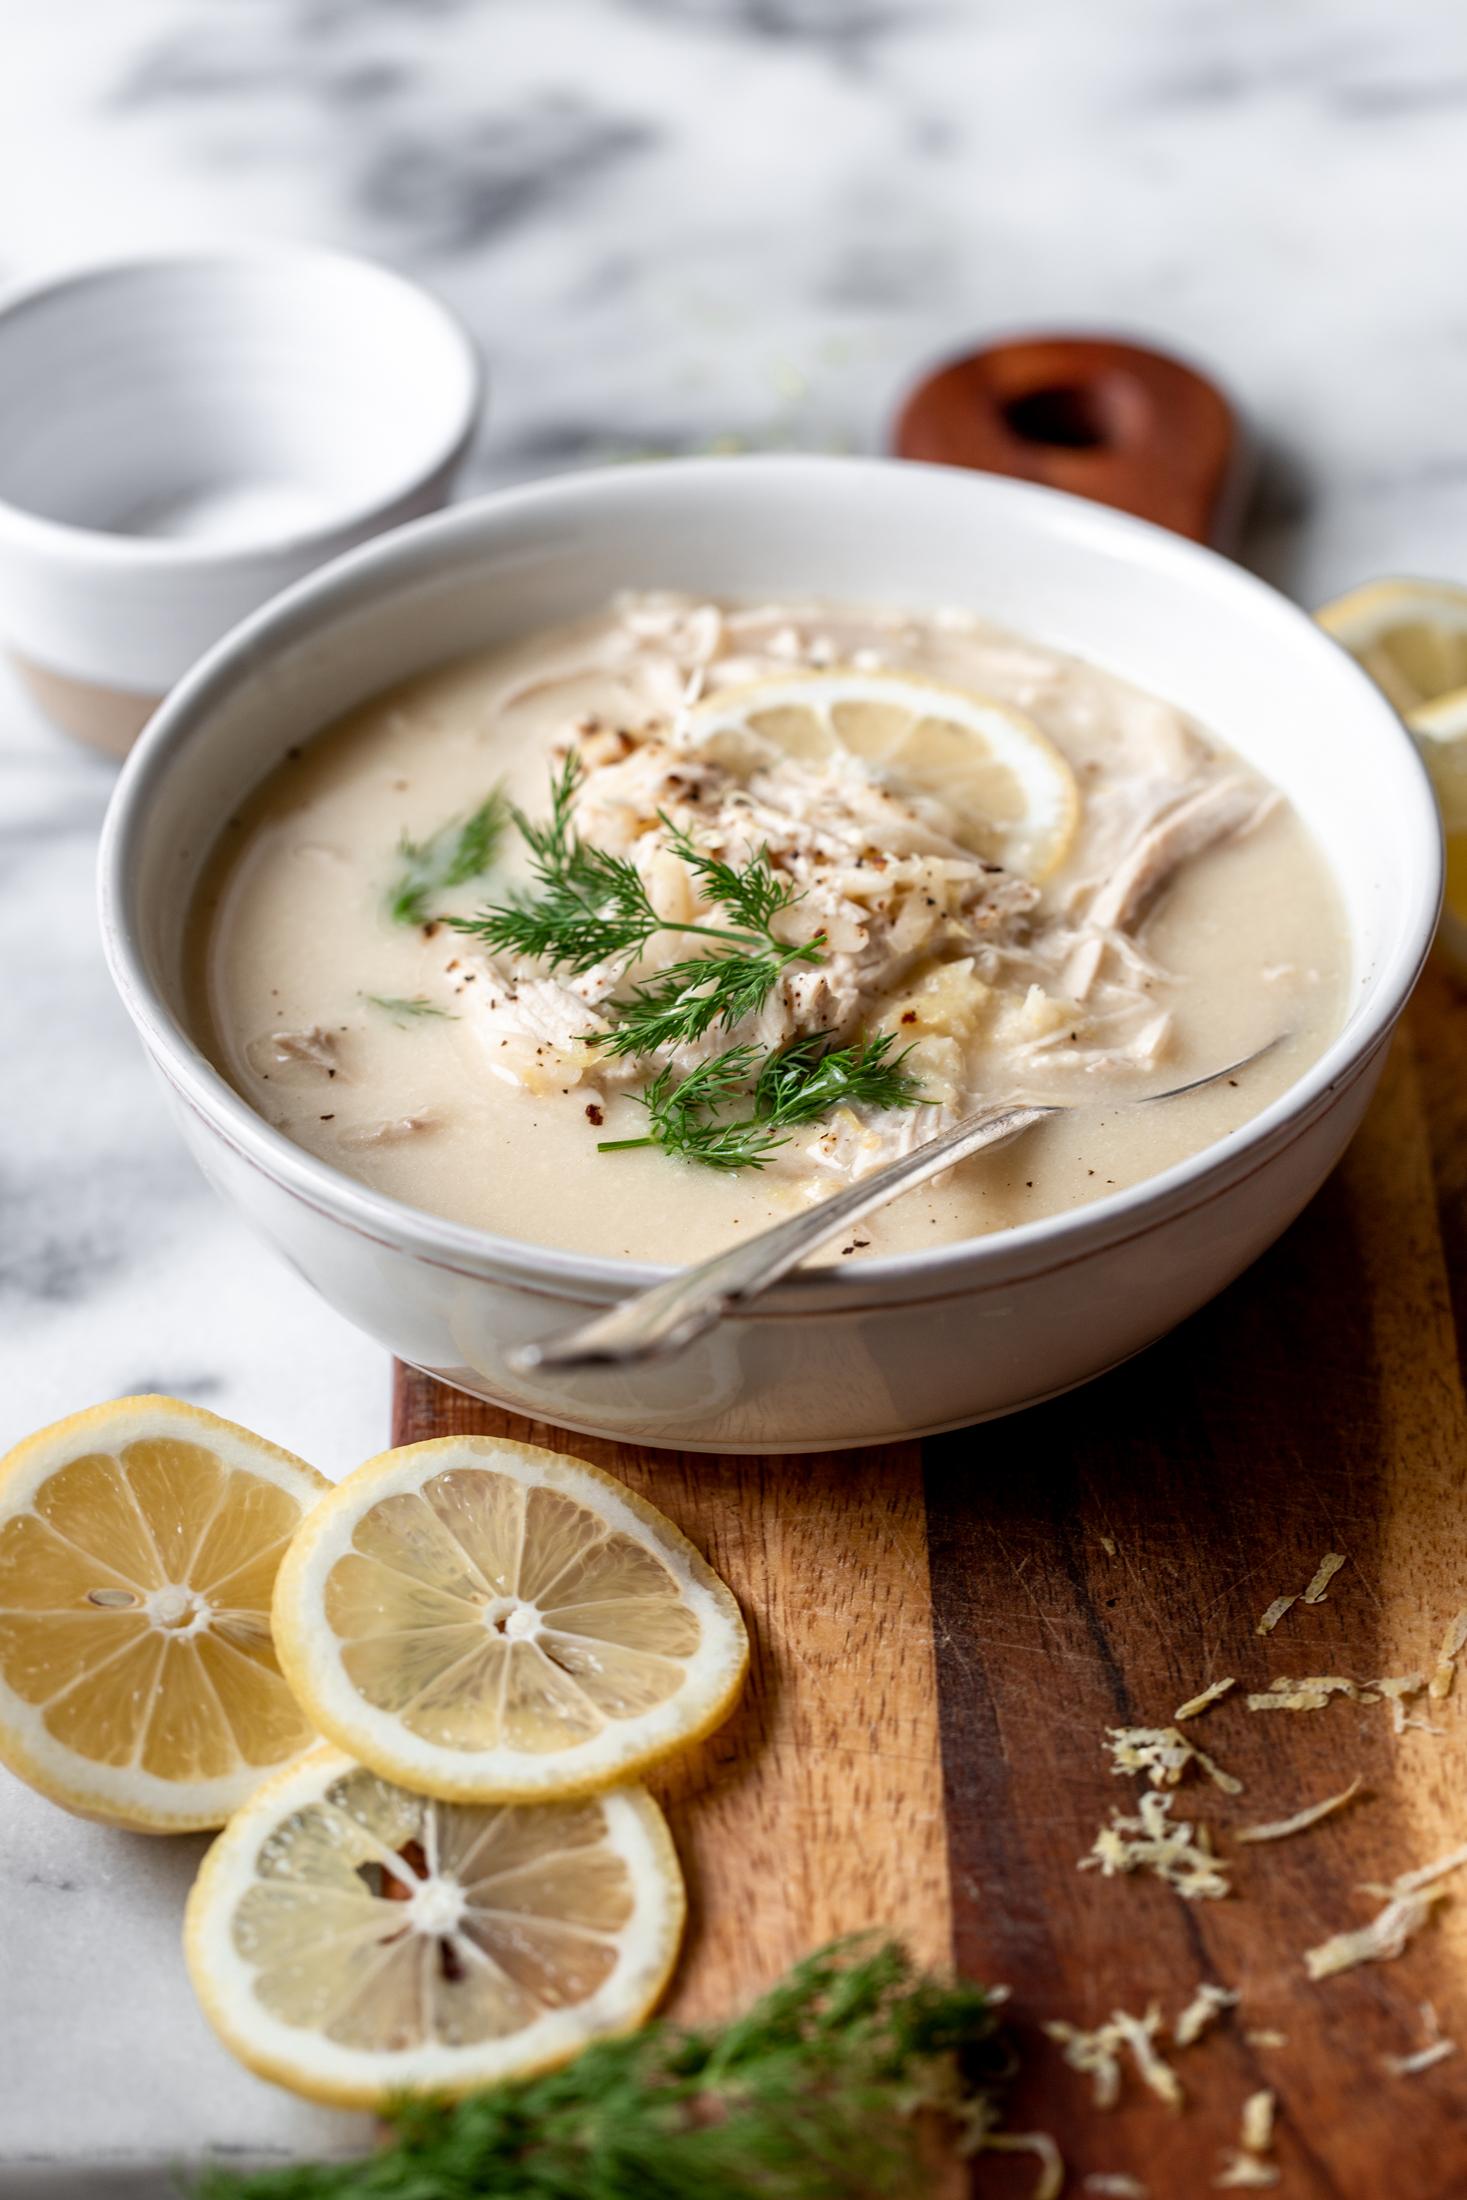 Greek Lemon-Egg Chicken Soup (Avgolemono)